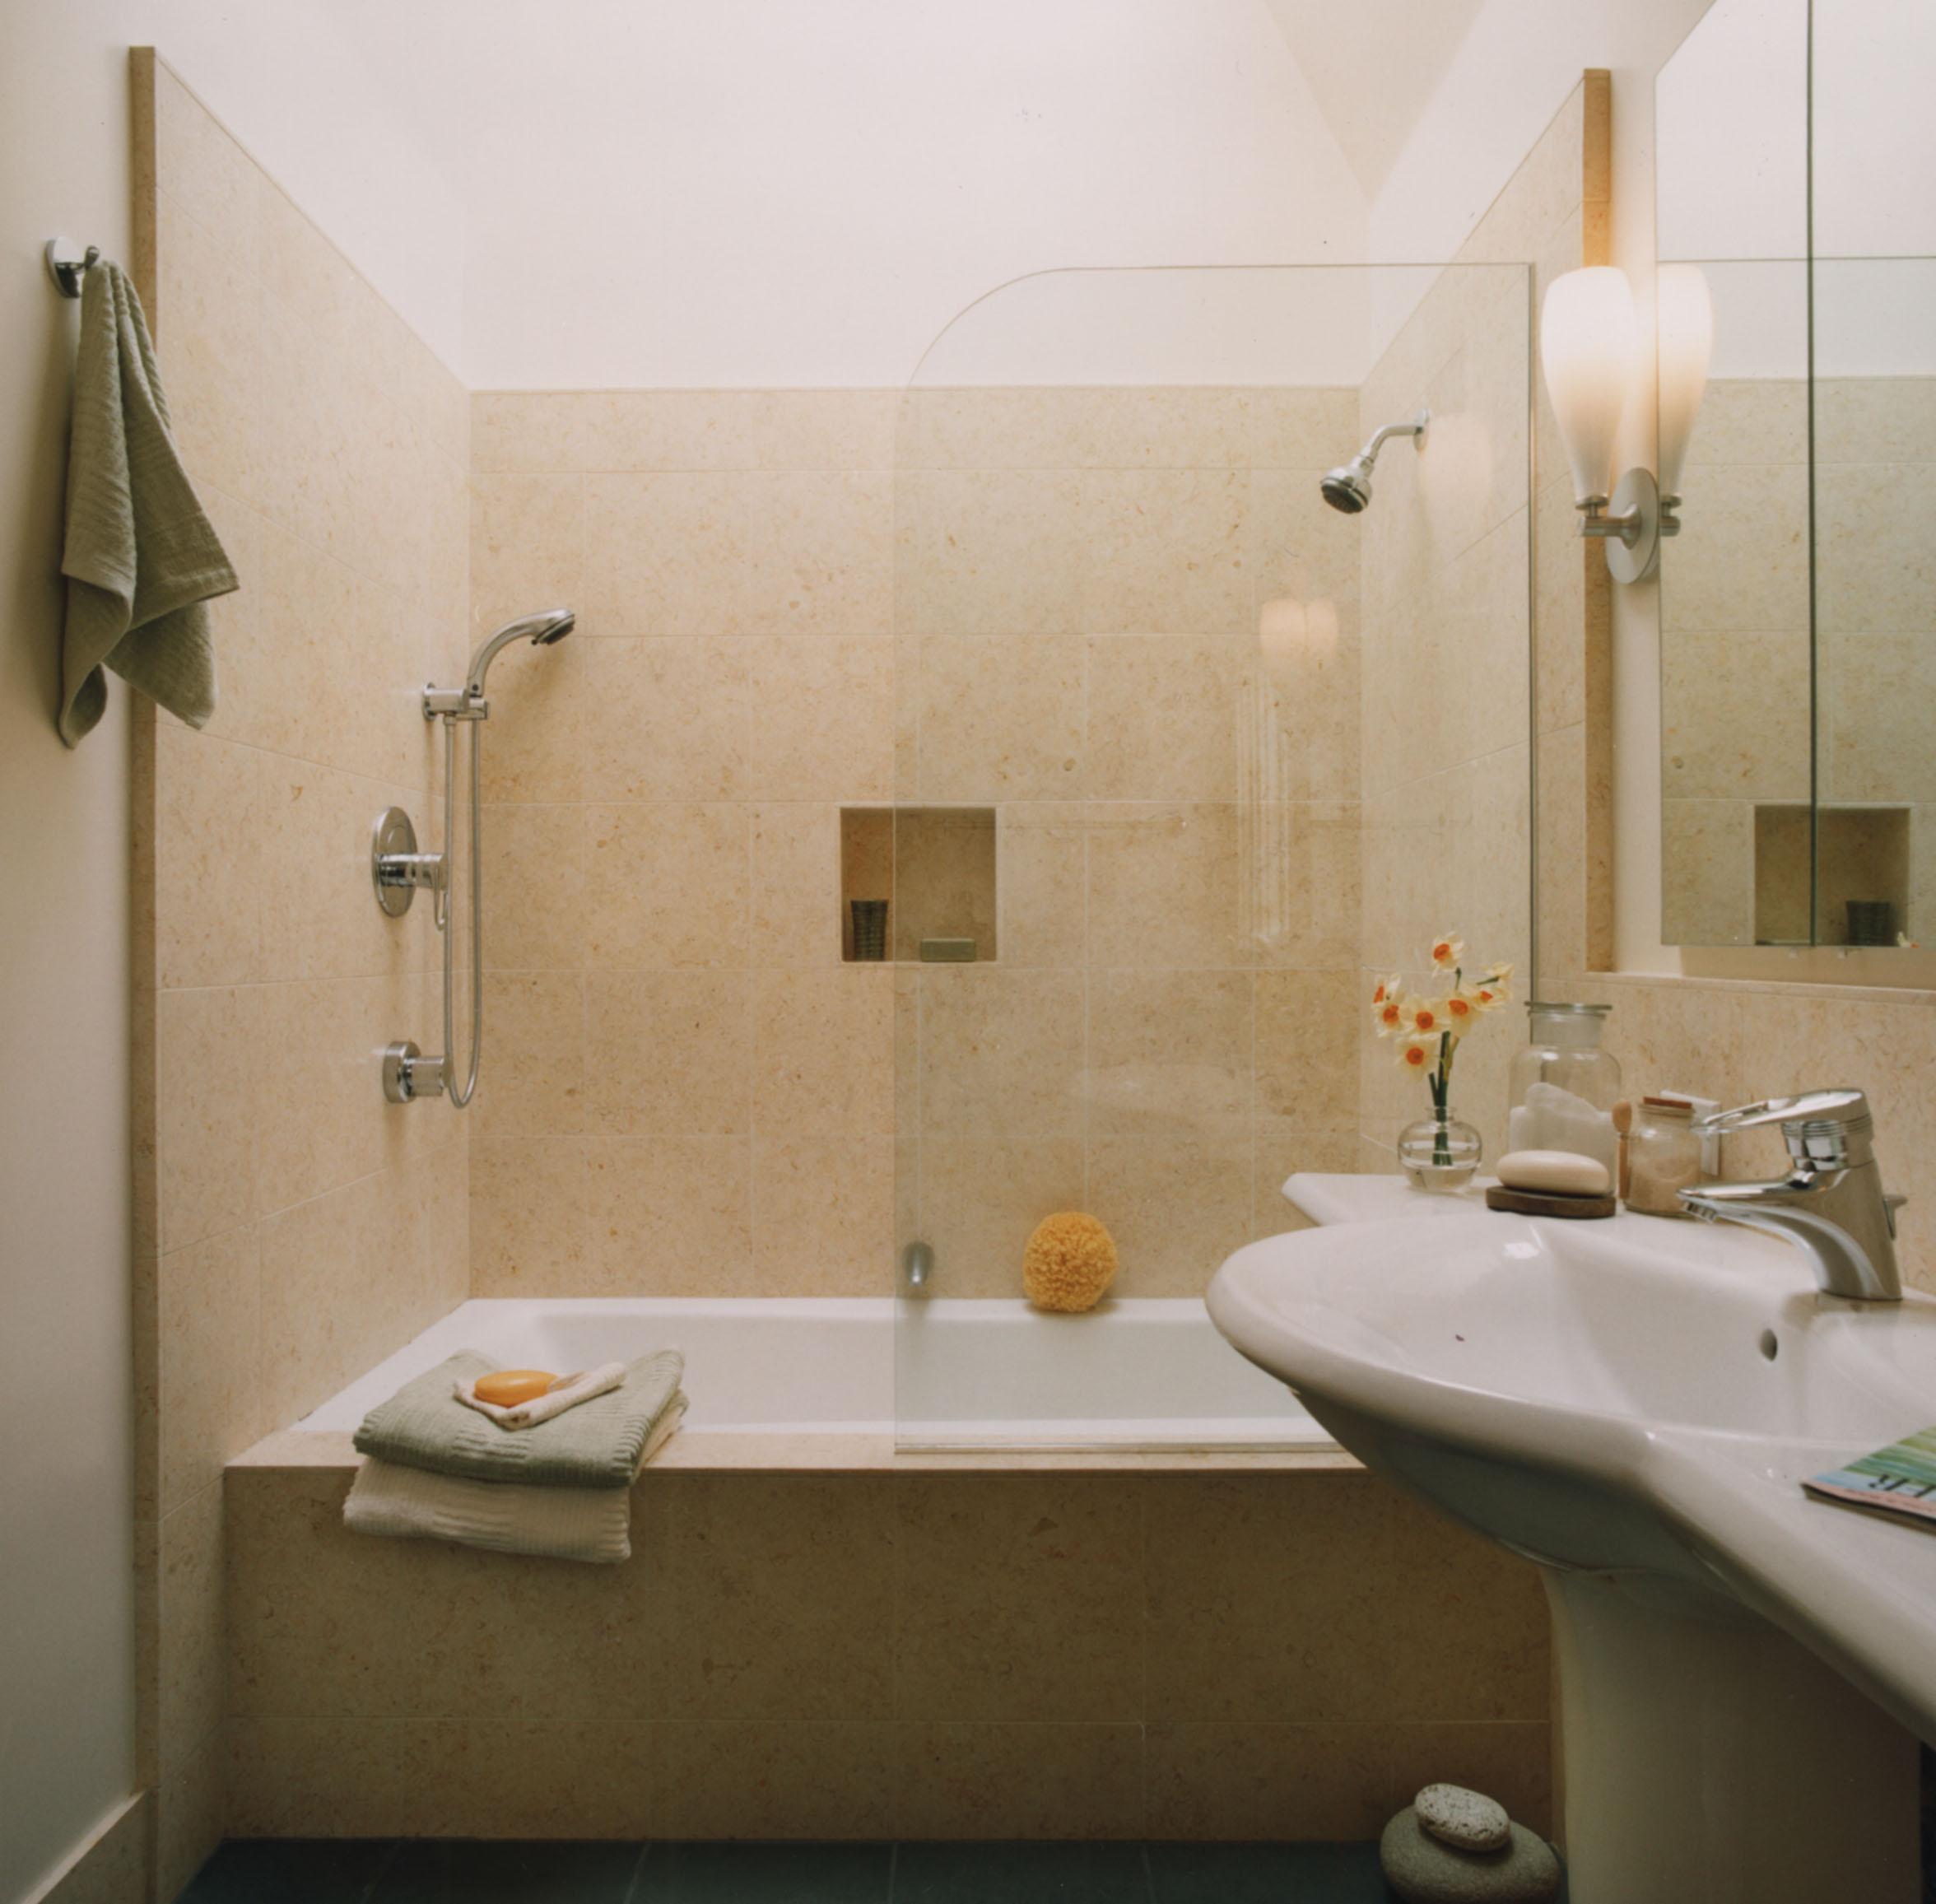 Завантажити ванна кімната в хрущовці фото 1 800x648.